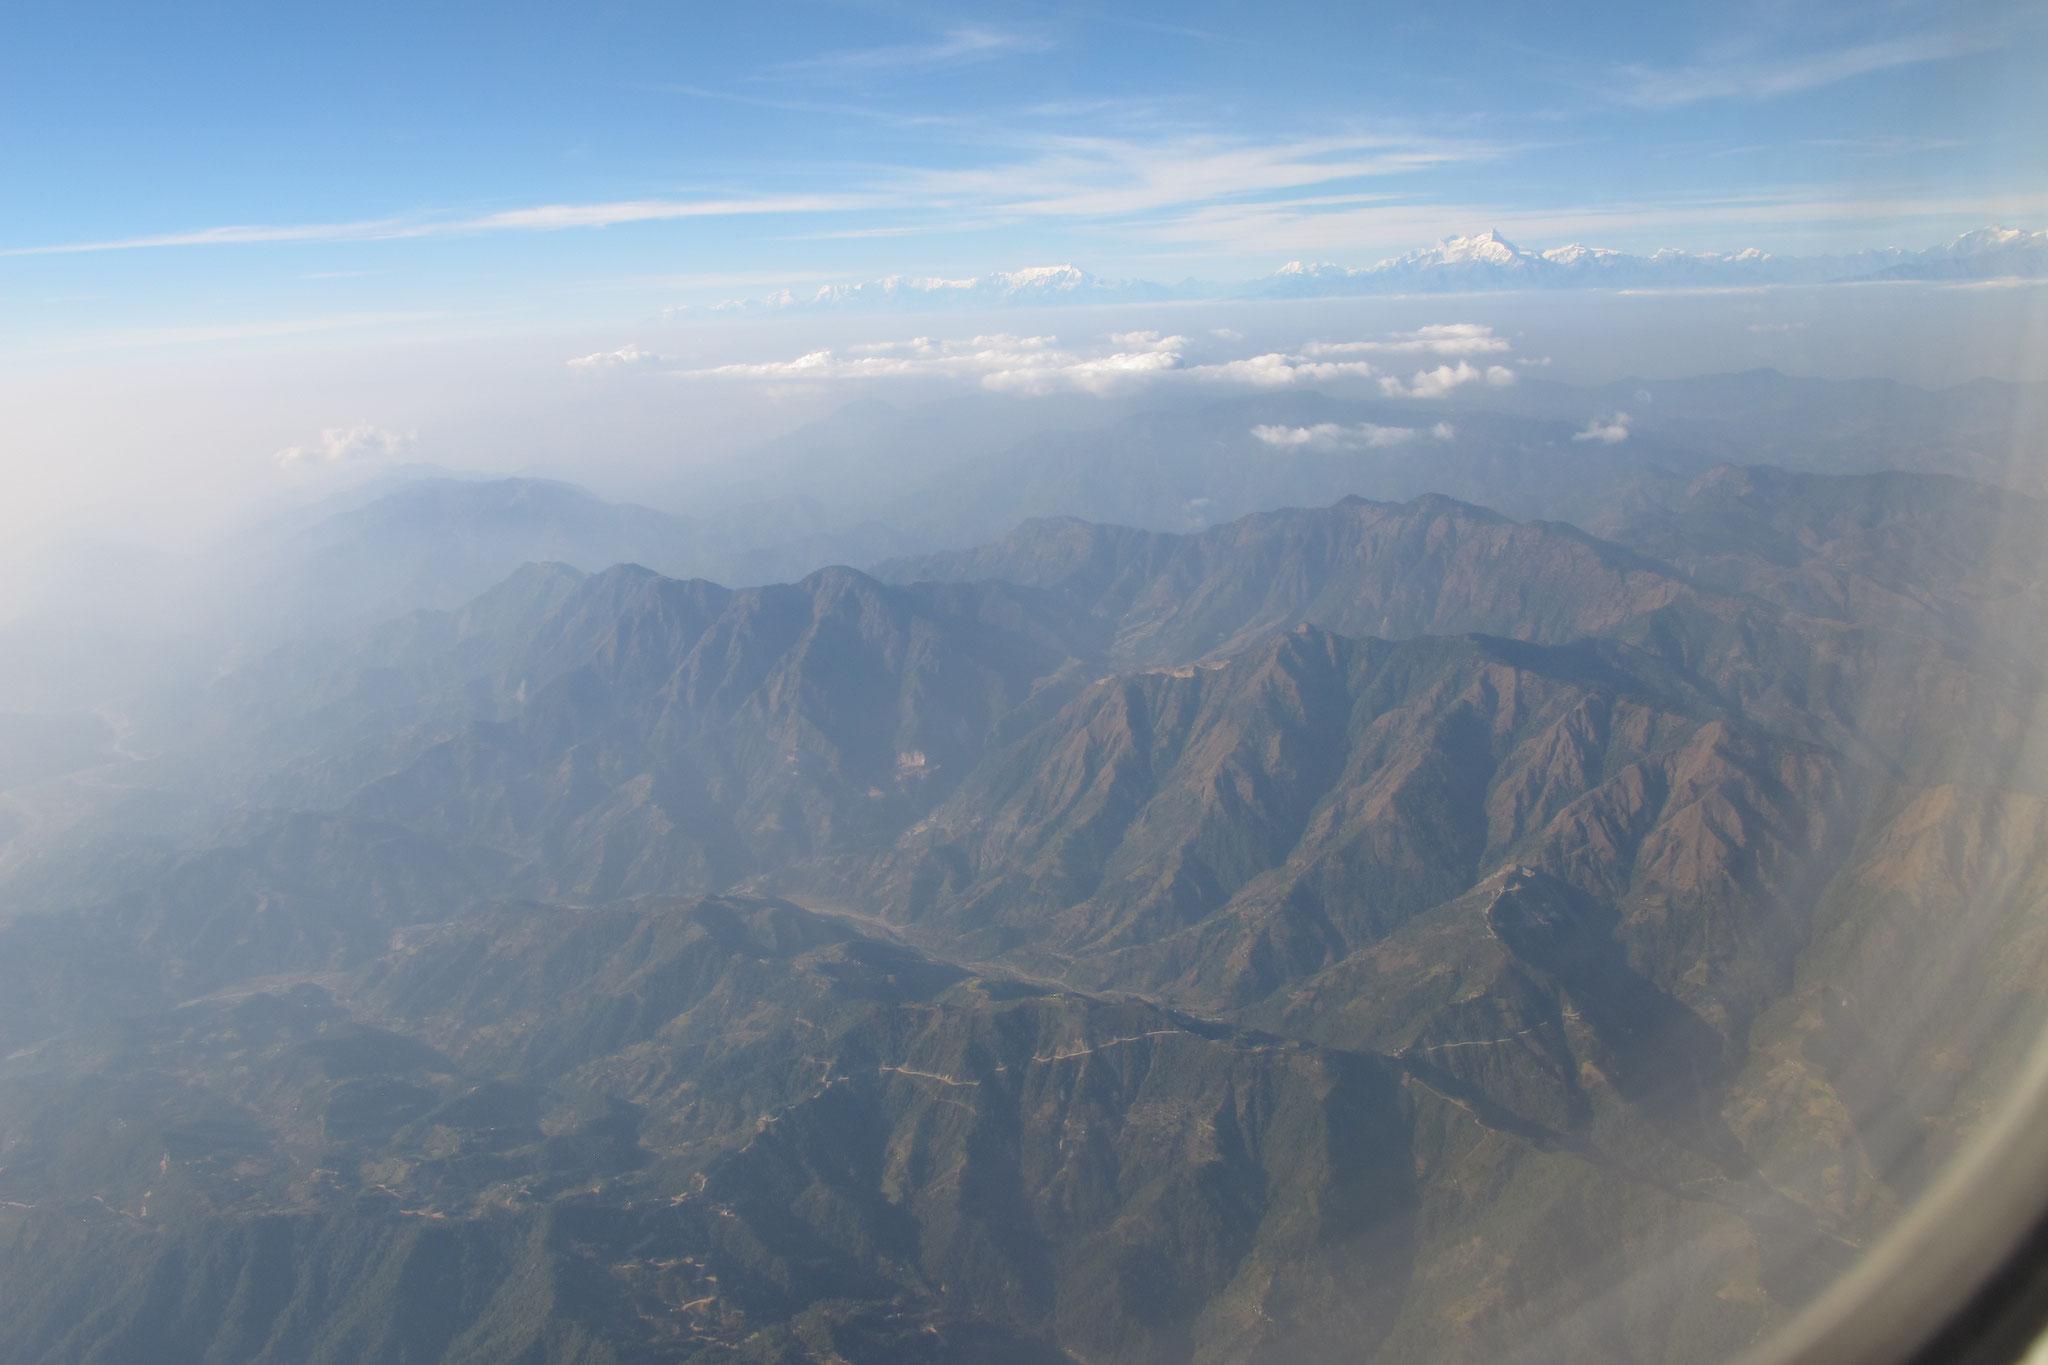 Anflug auf Kathmandu